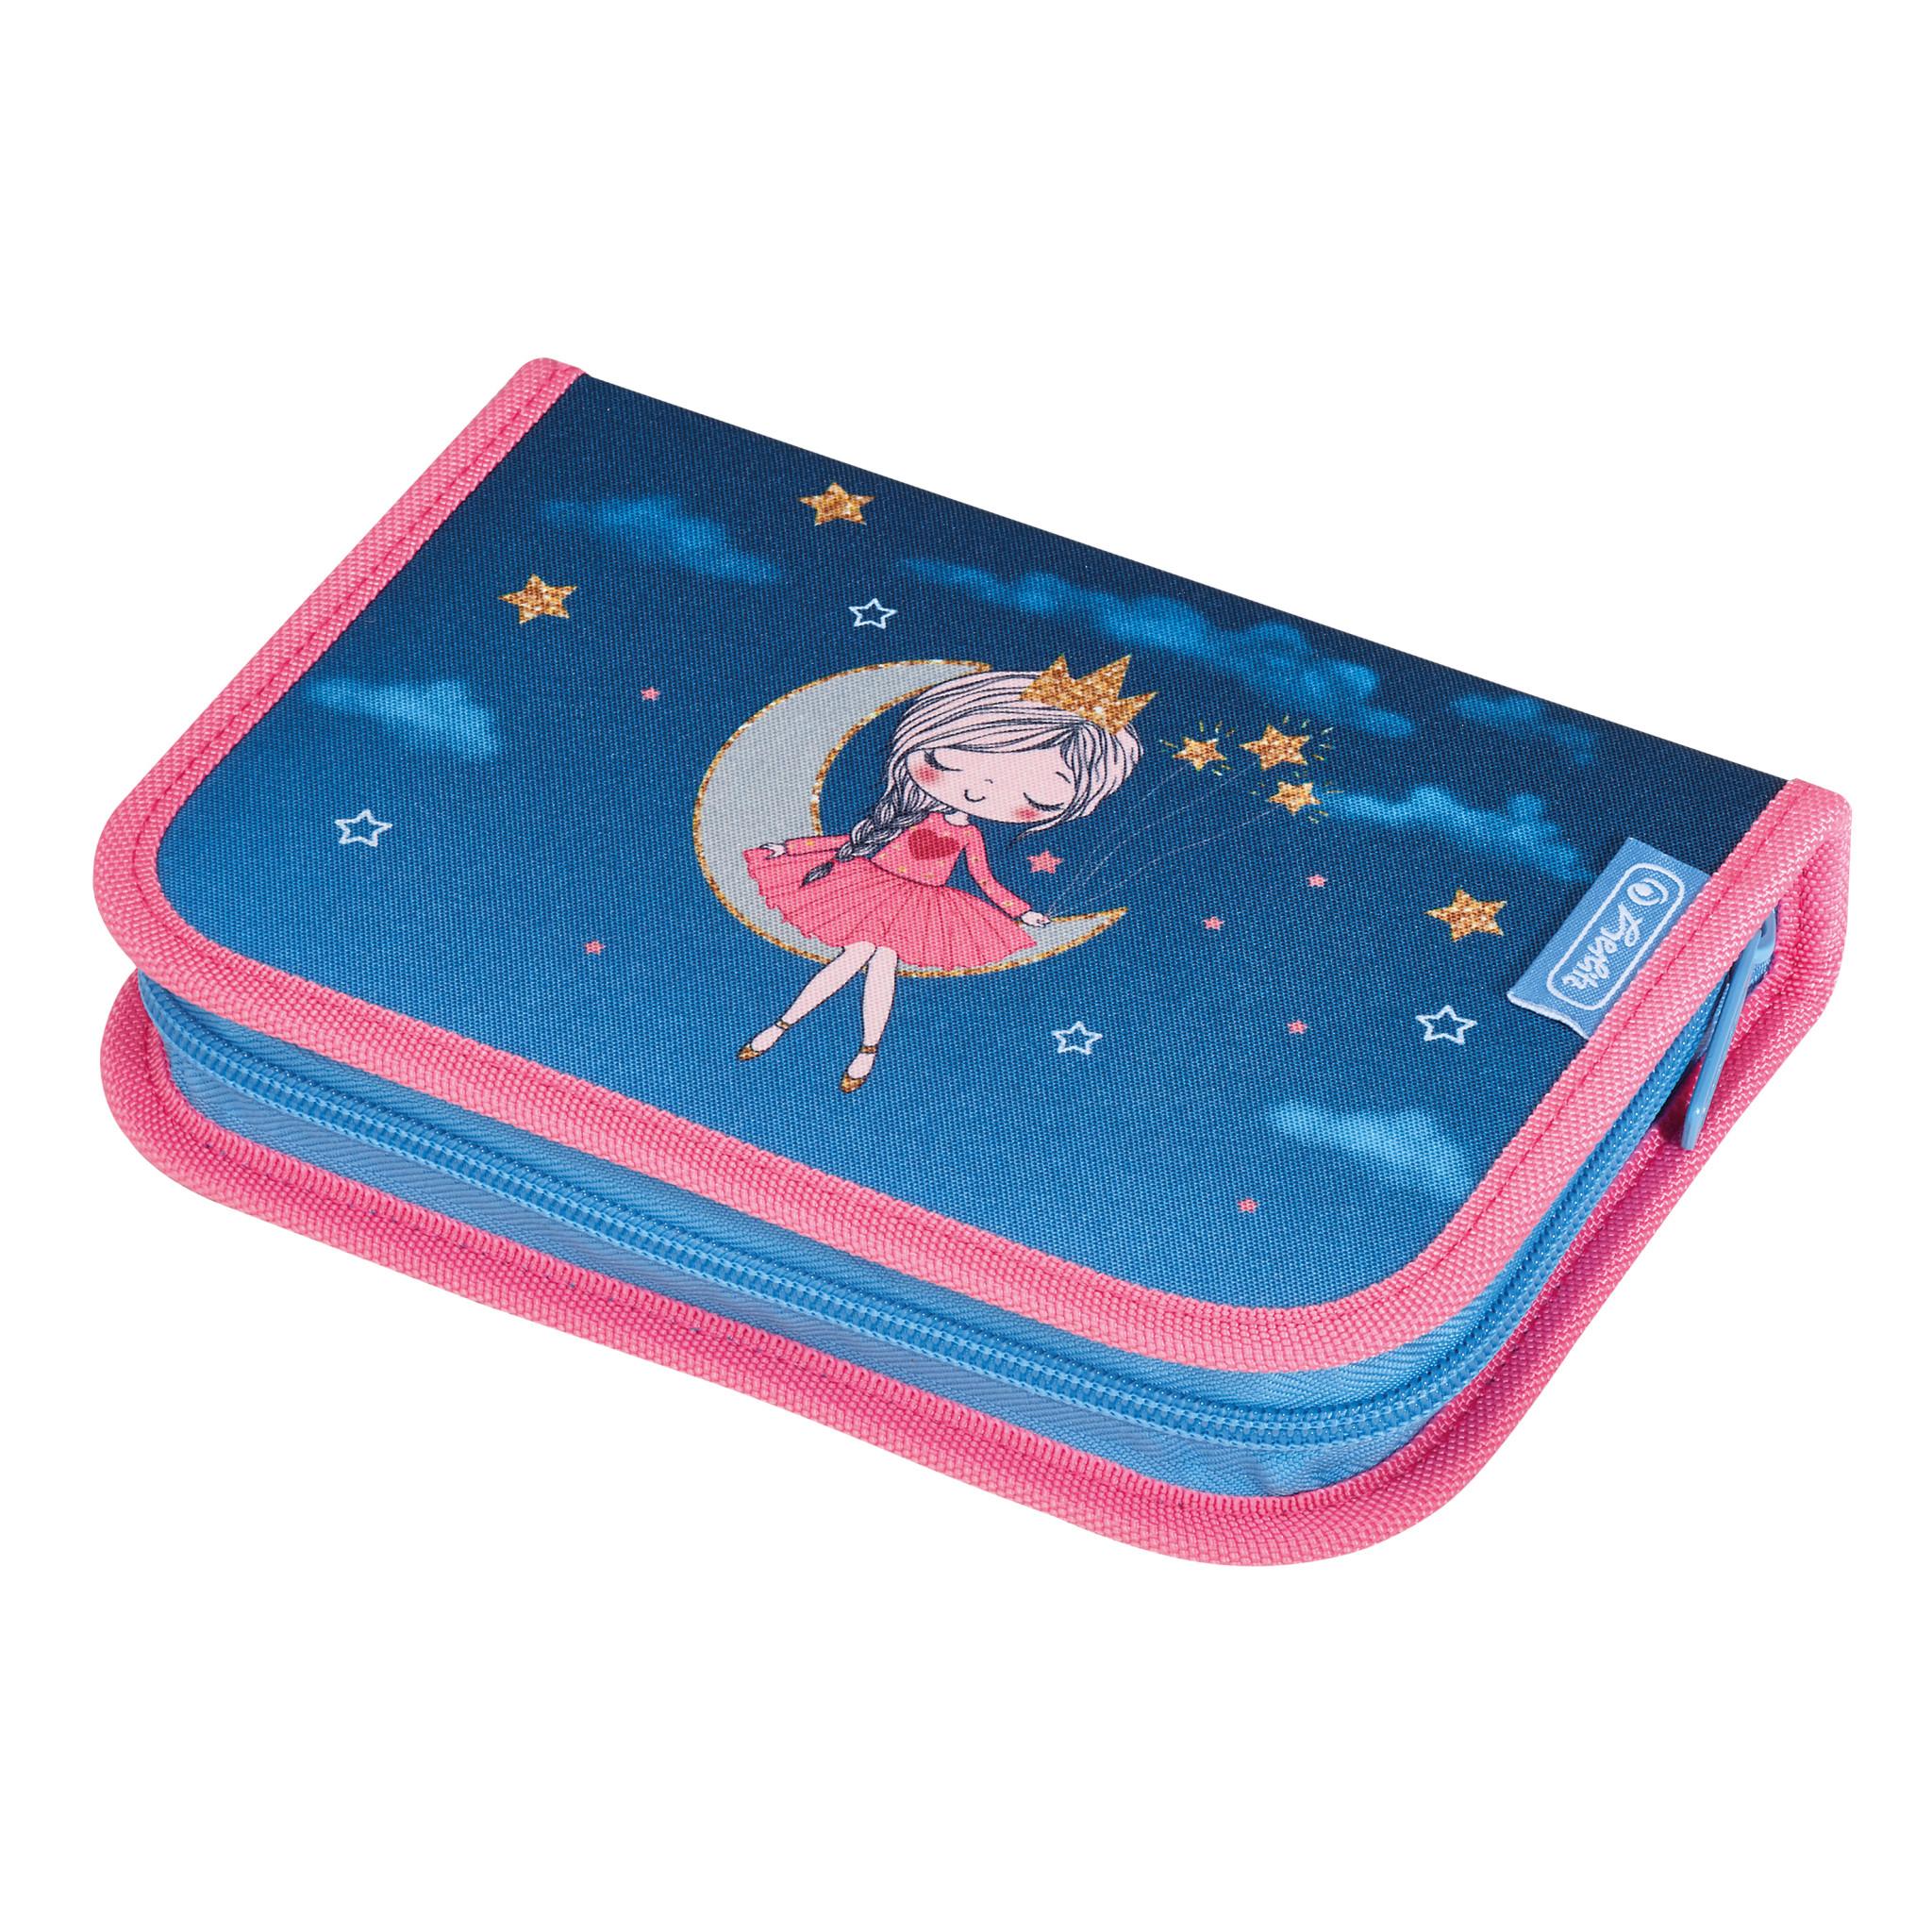 Herlitz50032976 - Federmäppchen - Moon Lady - Blau - Pink - Polyester